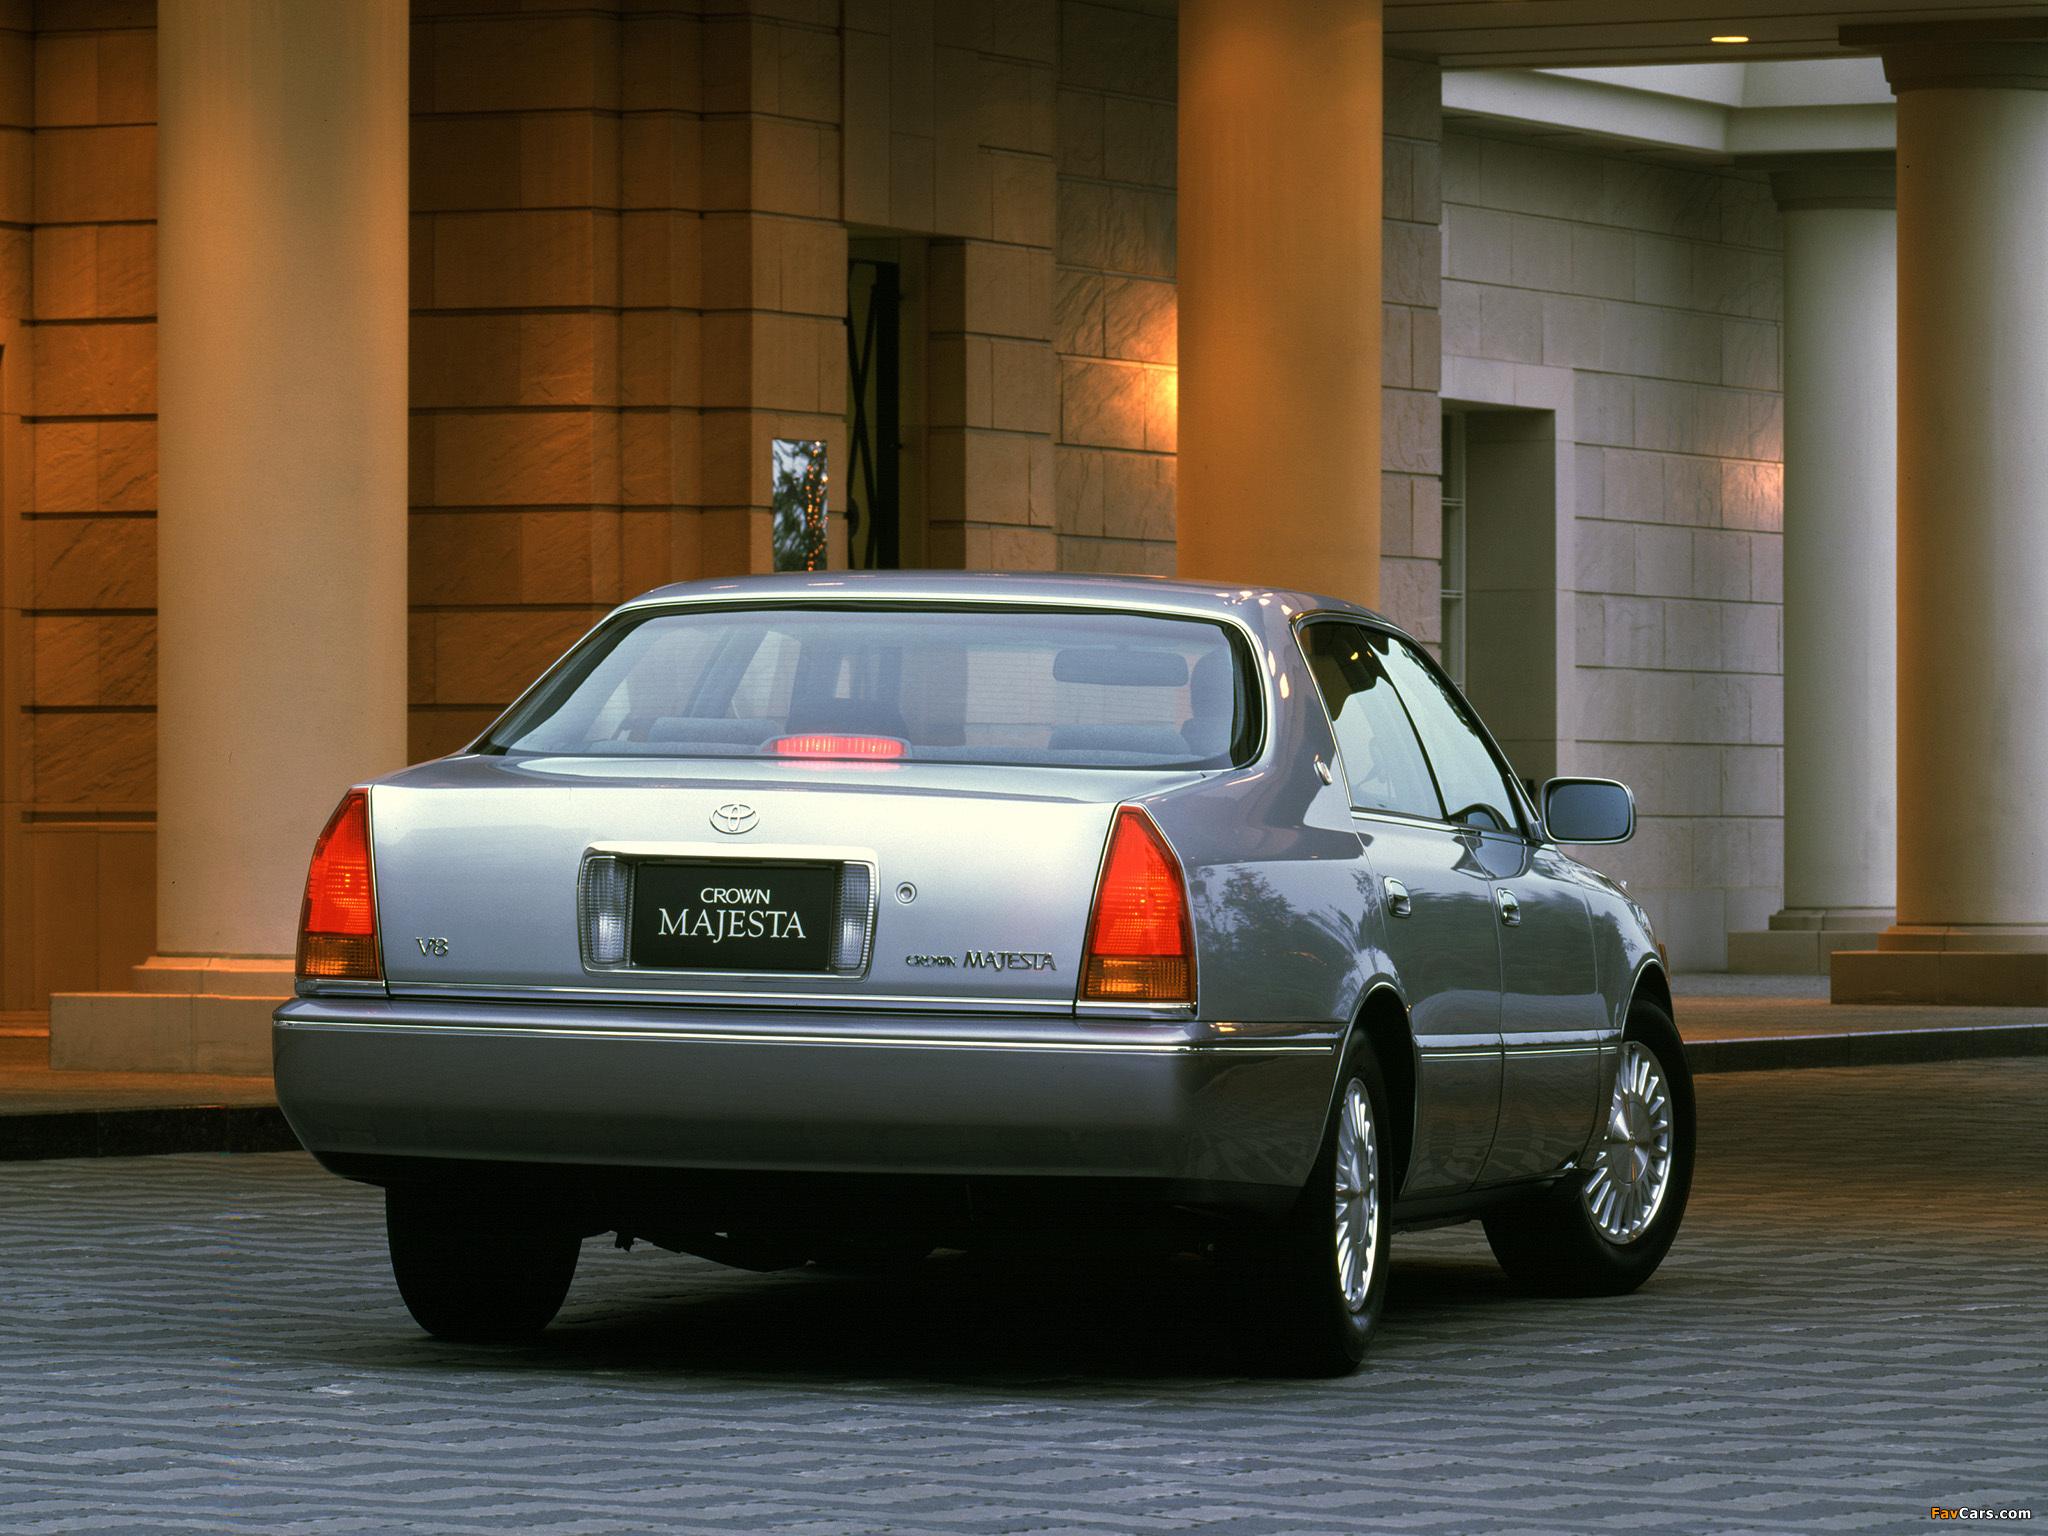 Toyota Crown Majesta - Toyota Wiki